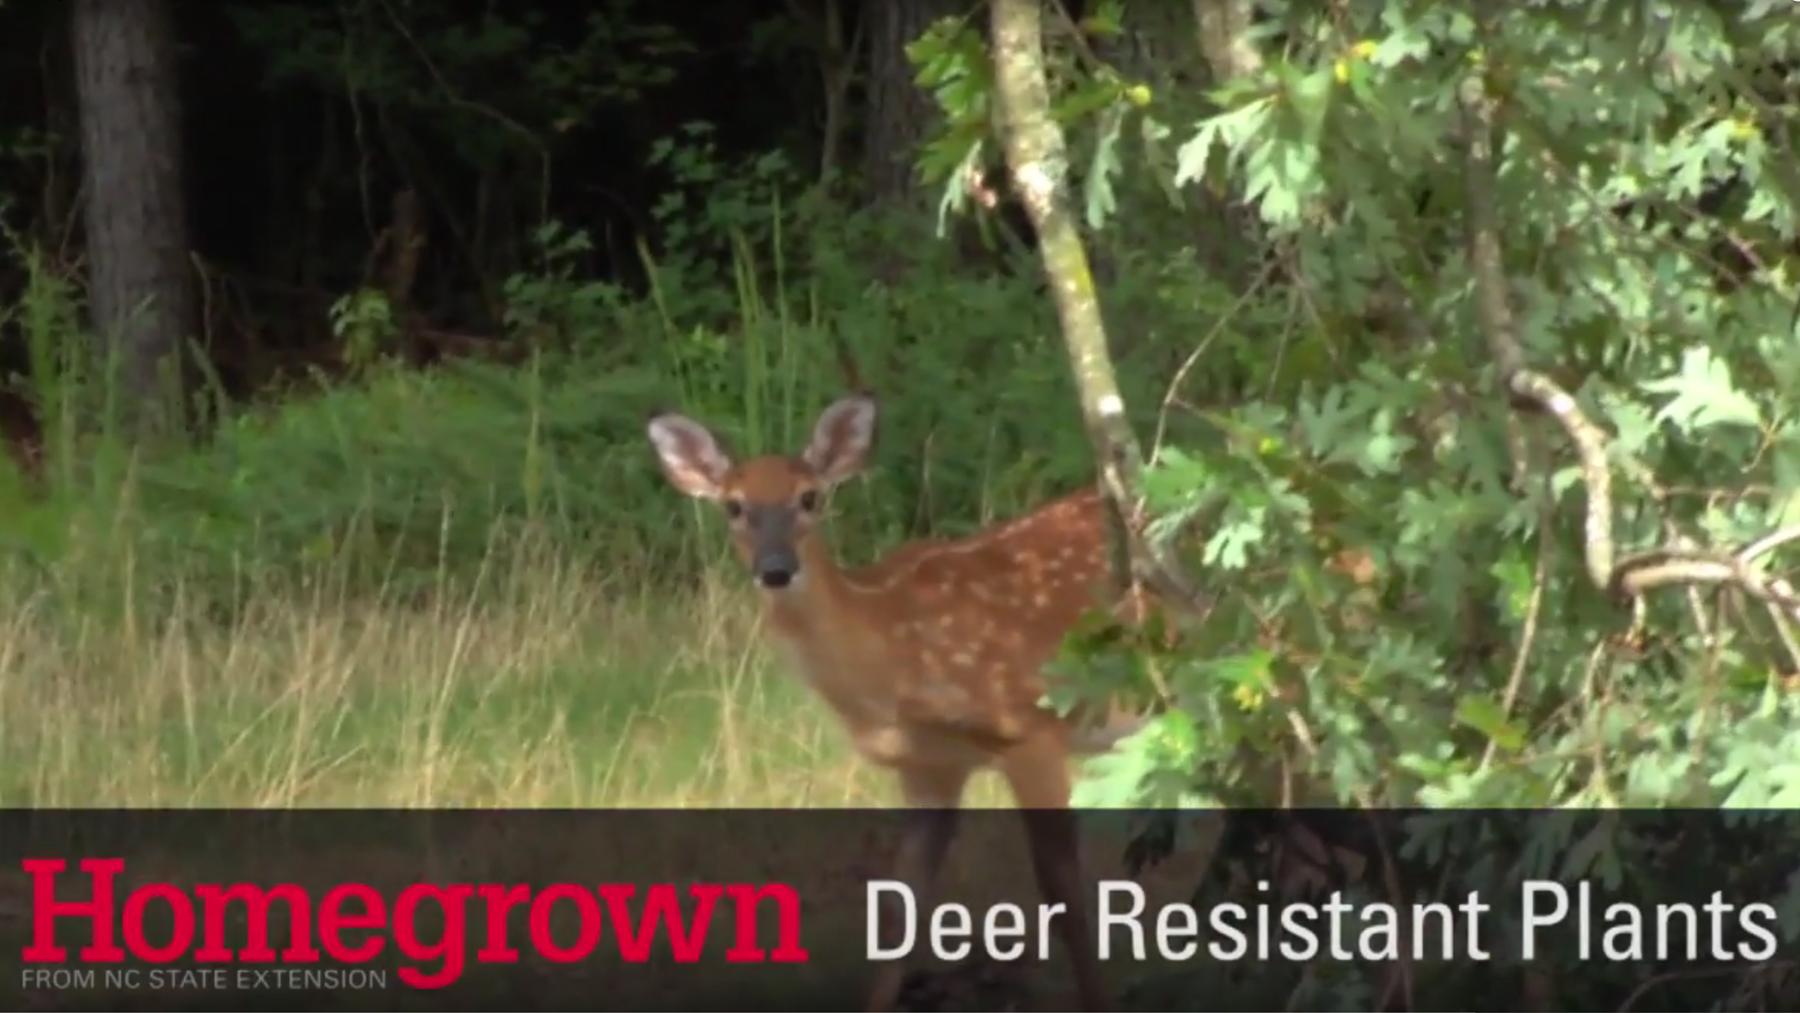 Homegrown series_Deer Resistant Plants video image